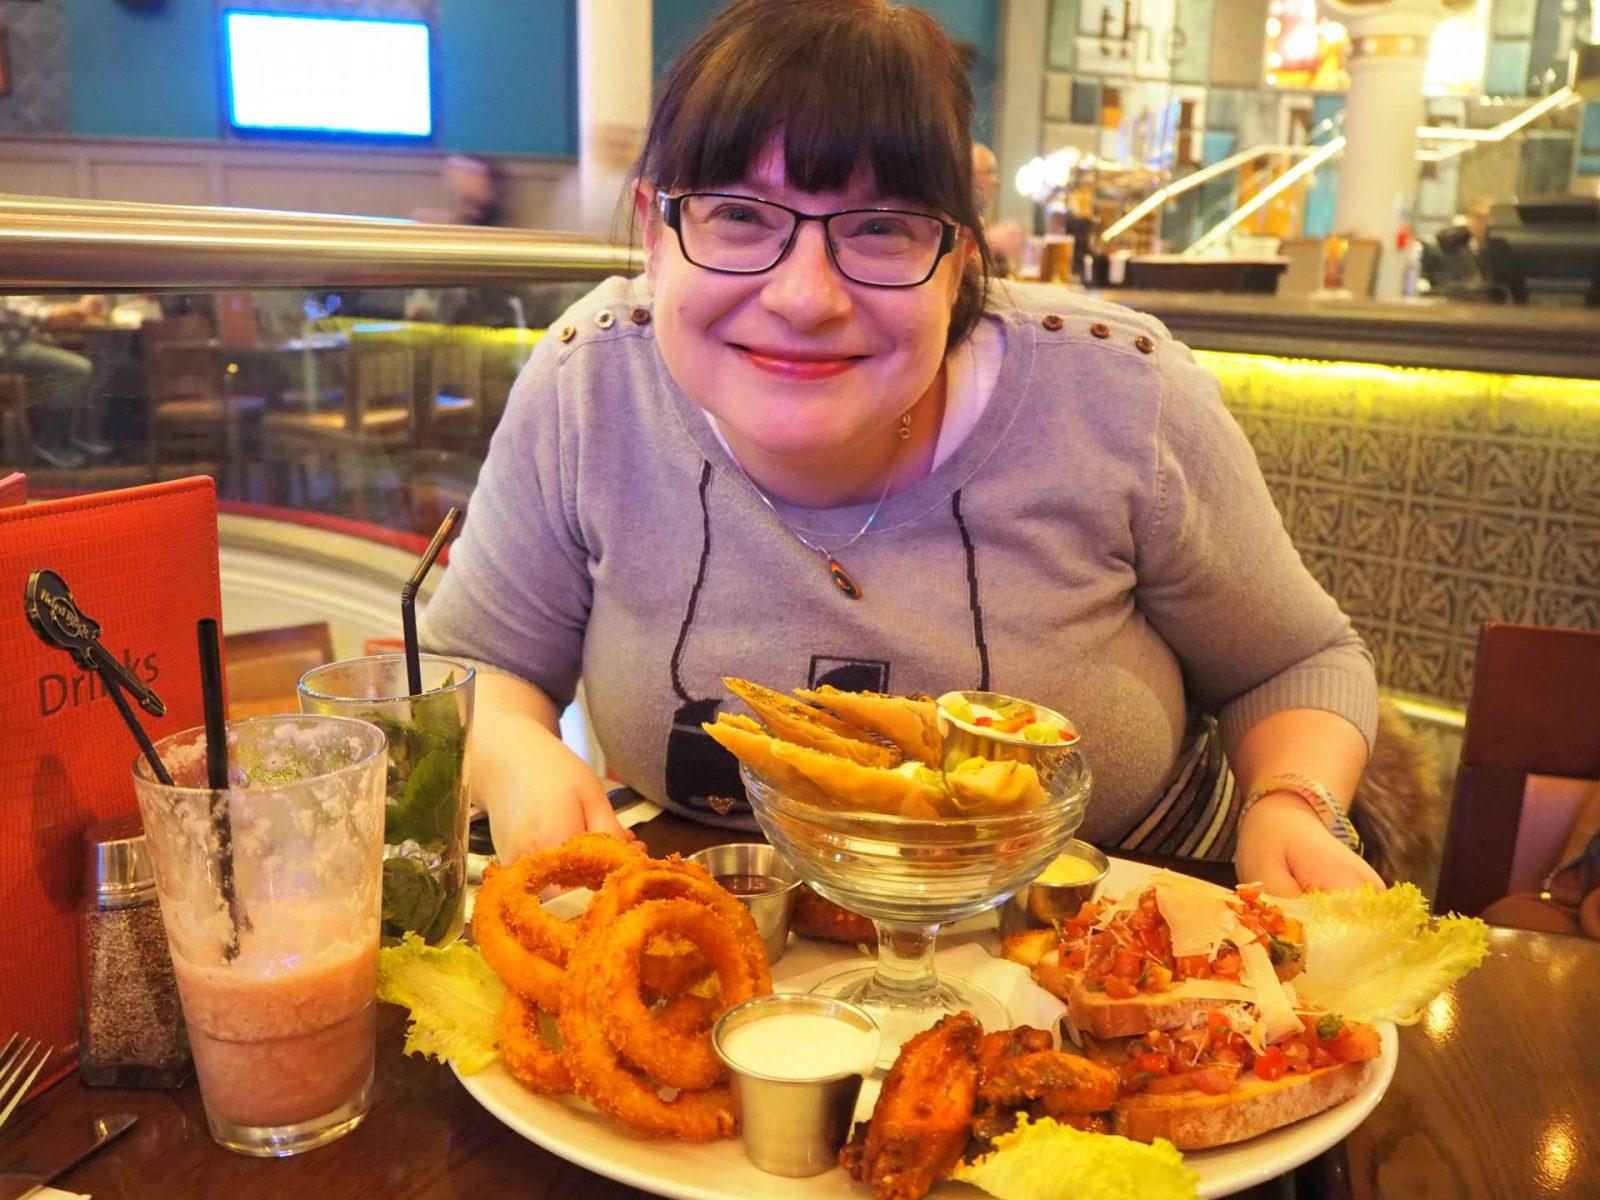 glasgow eats: comfort food at hard rock cafe;